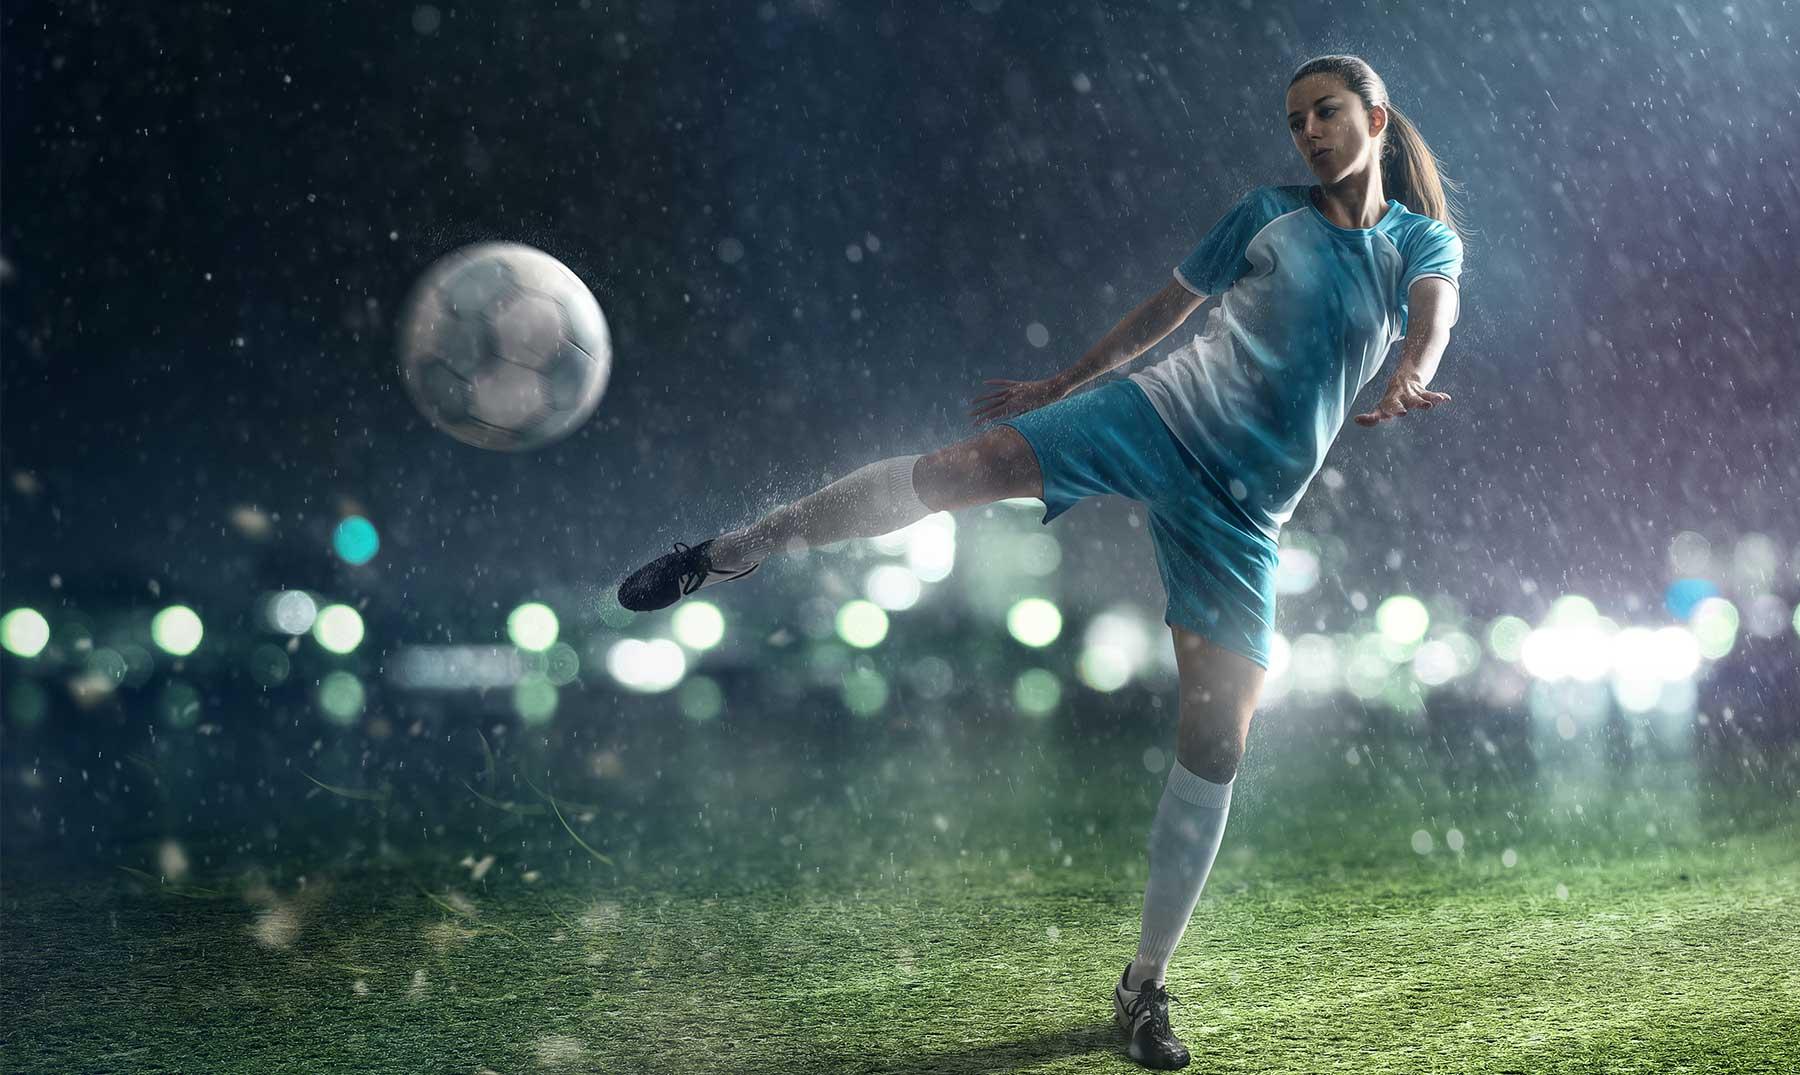 60 Frases De Futbol Femenino Deporte Tambien De Mujeres Con Imagenes